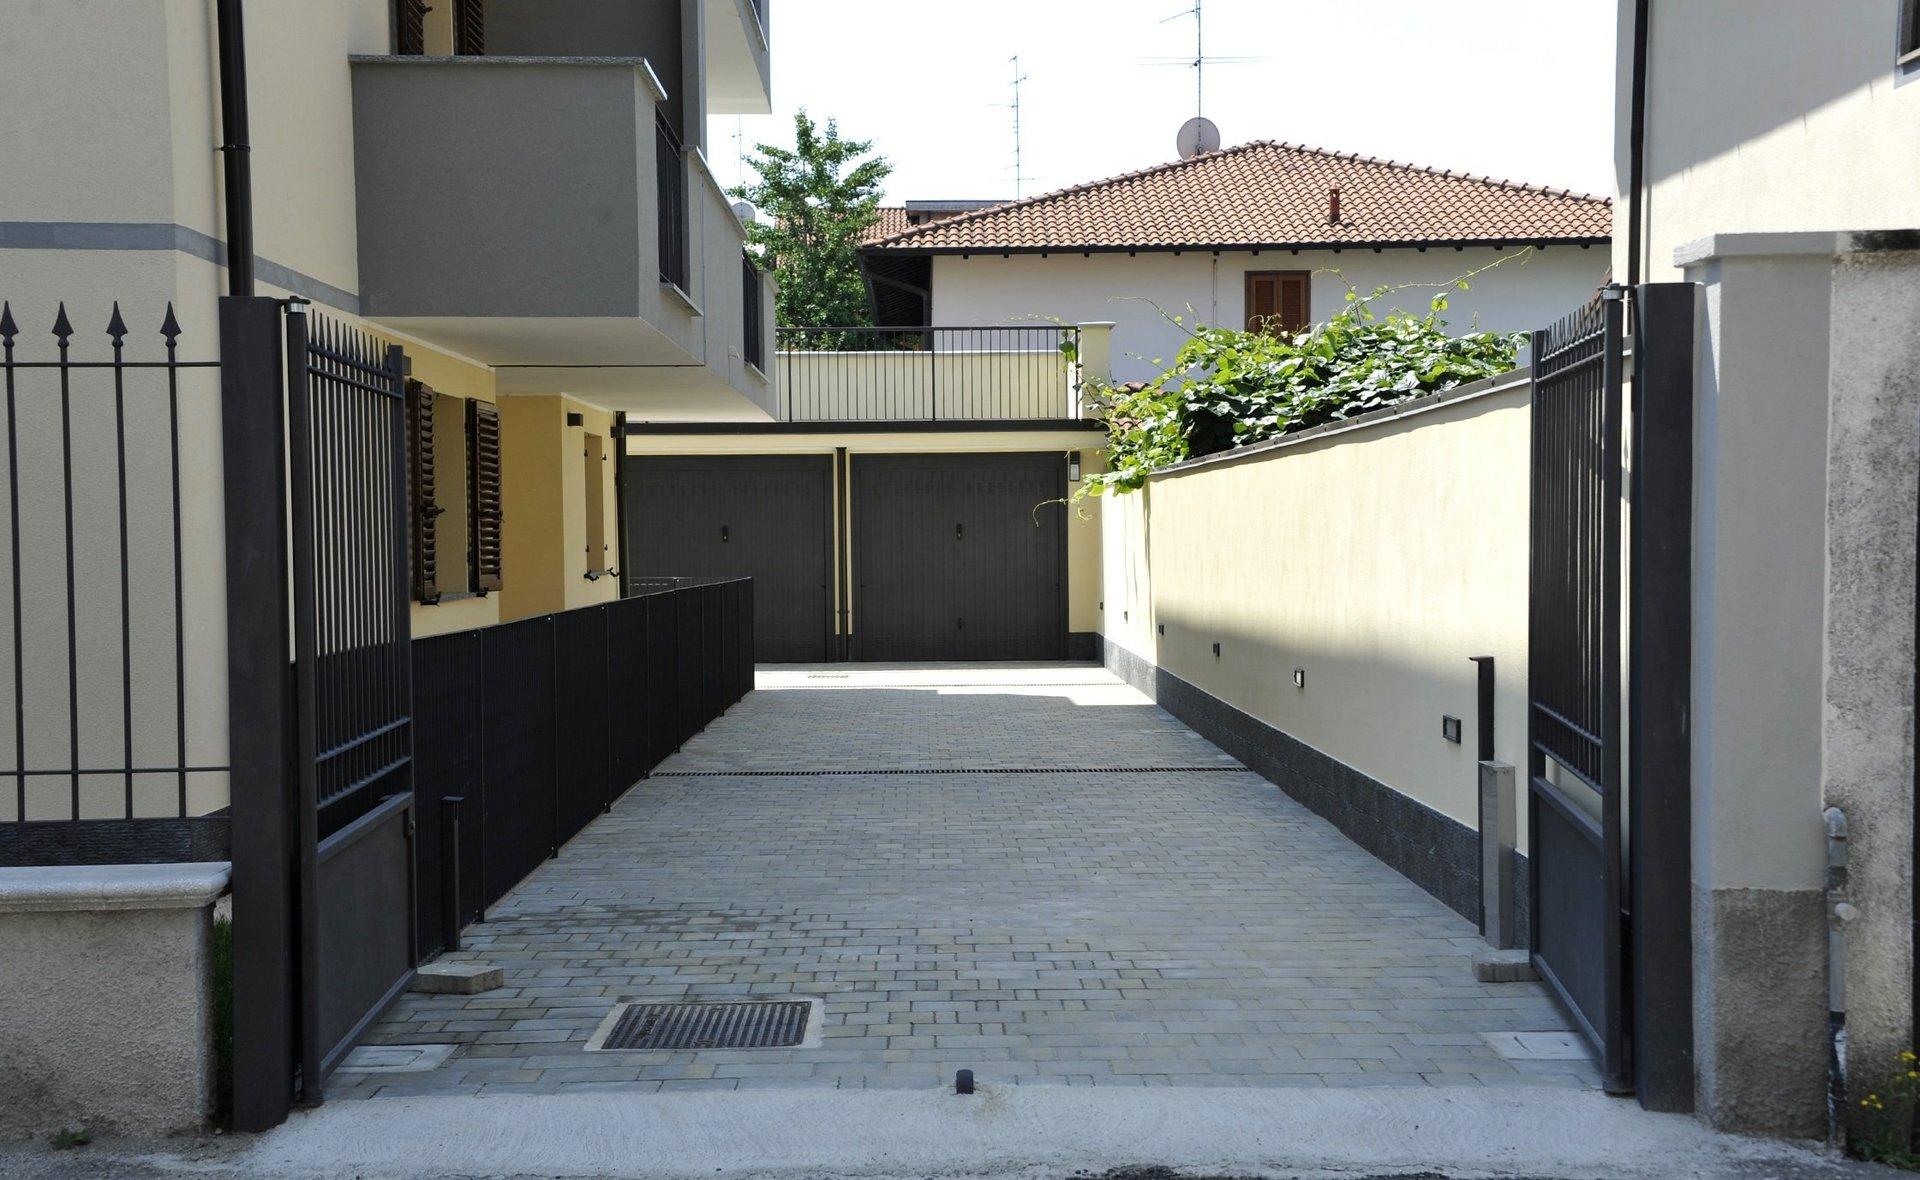 cancelli e ringhiere in ferro di una casa